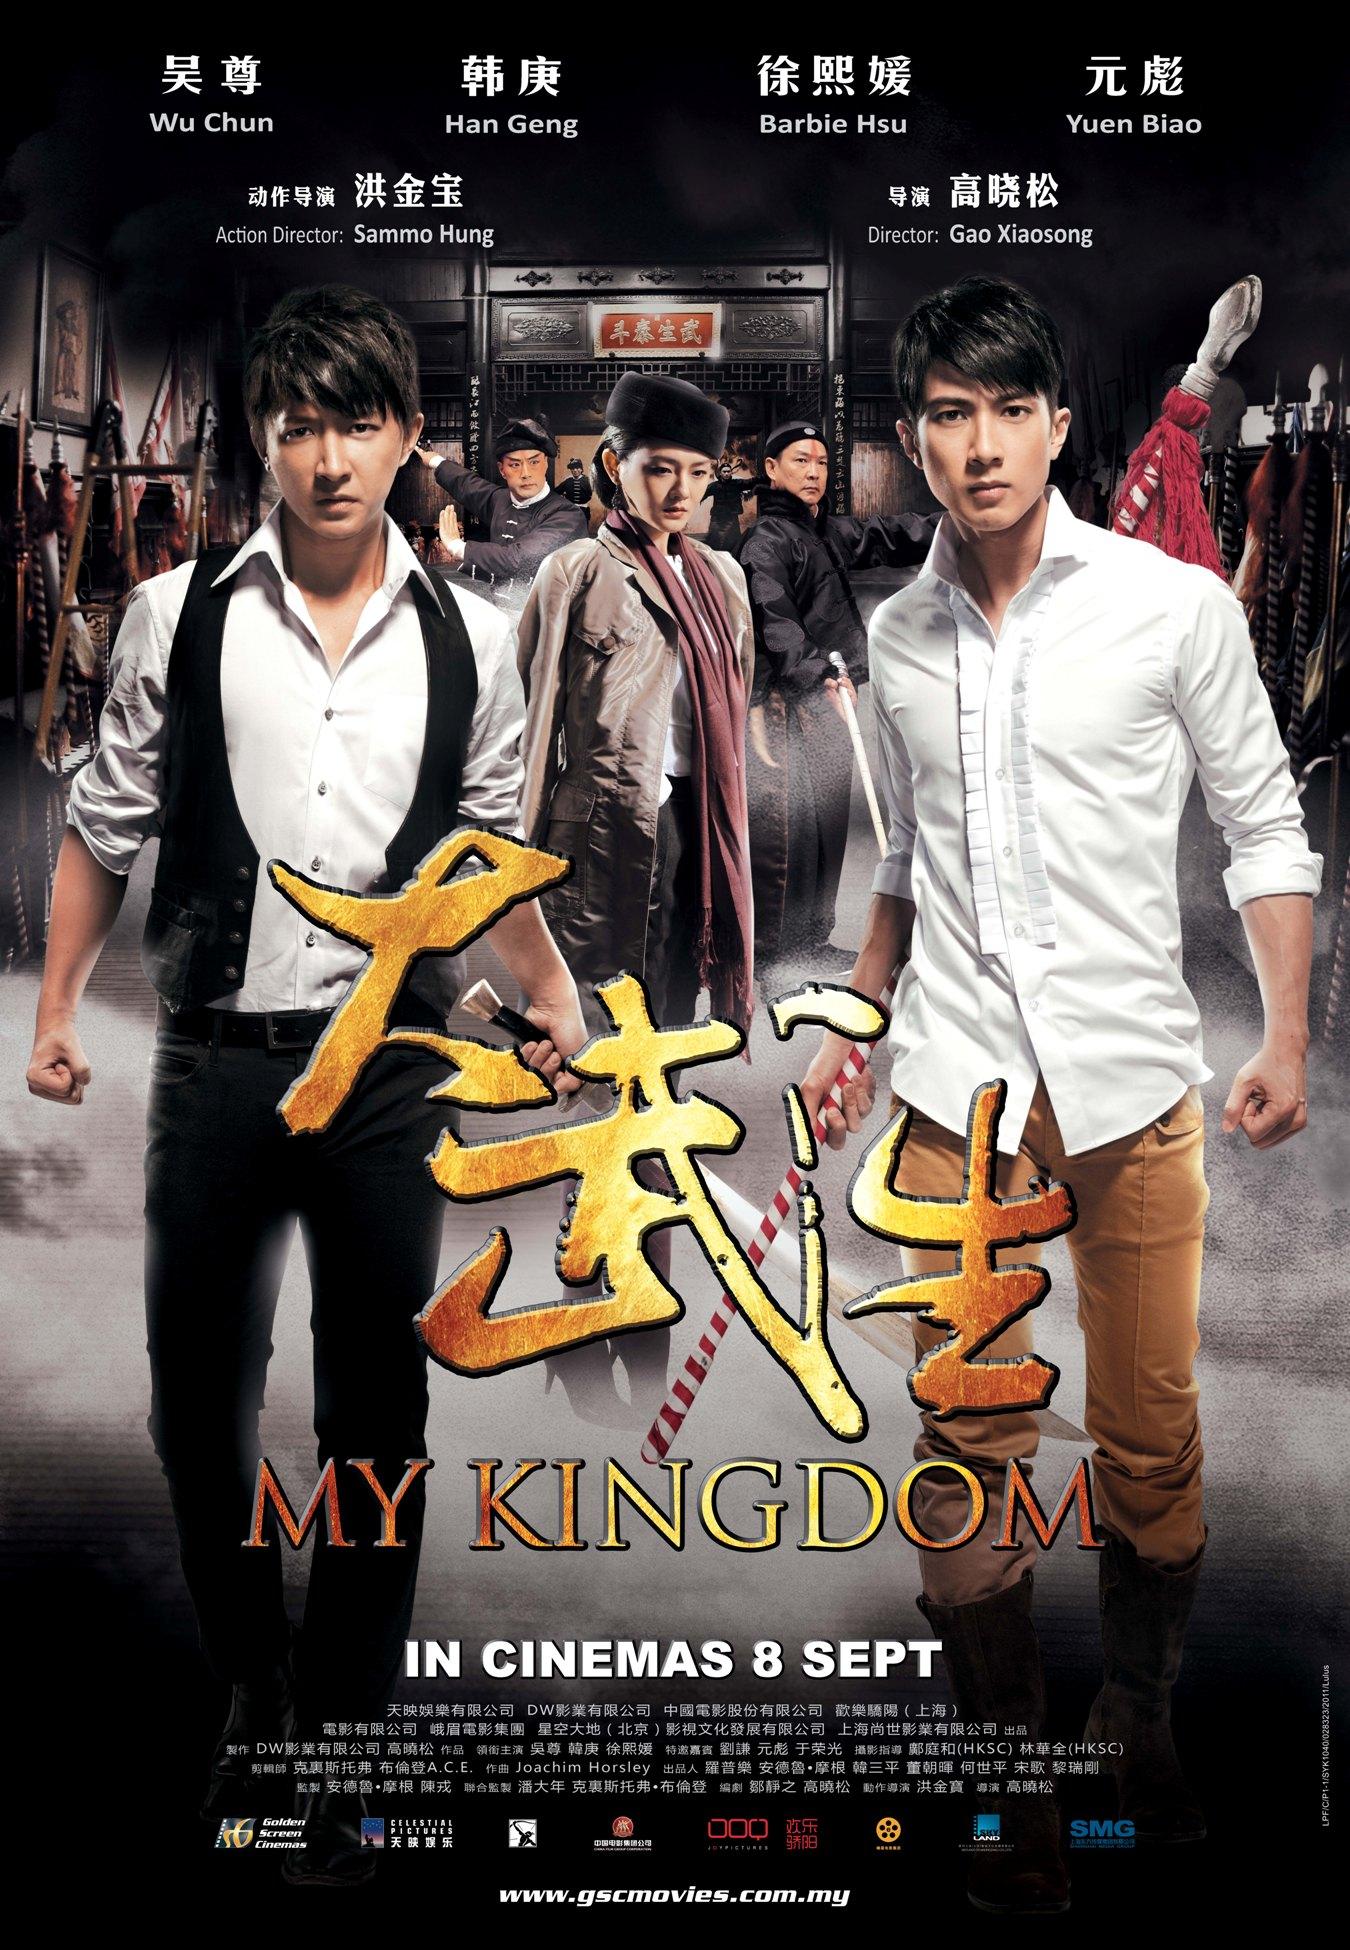 My Kingdom movie